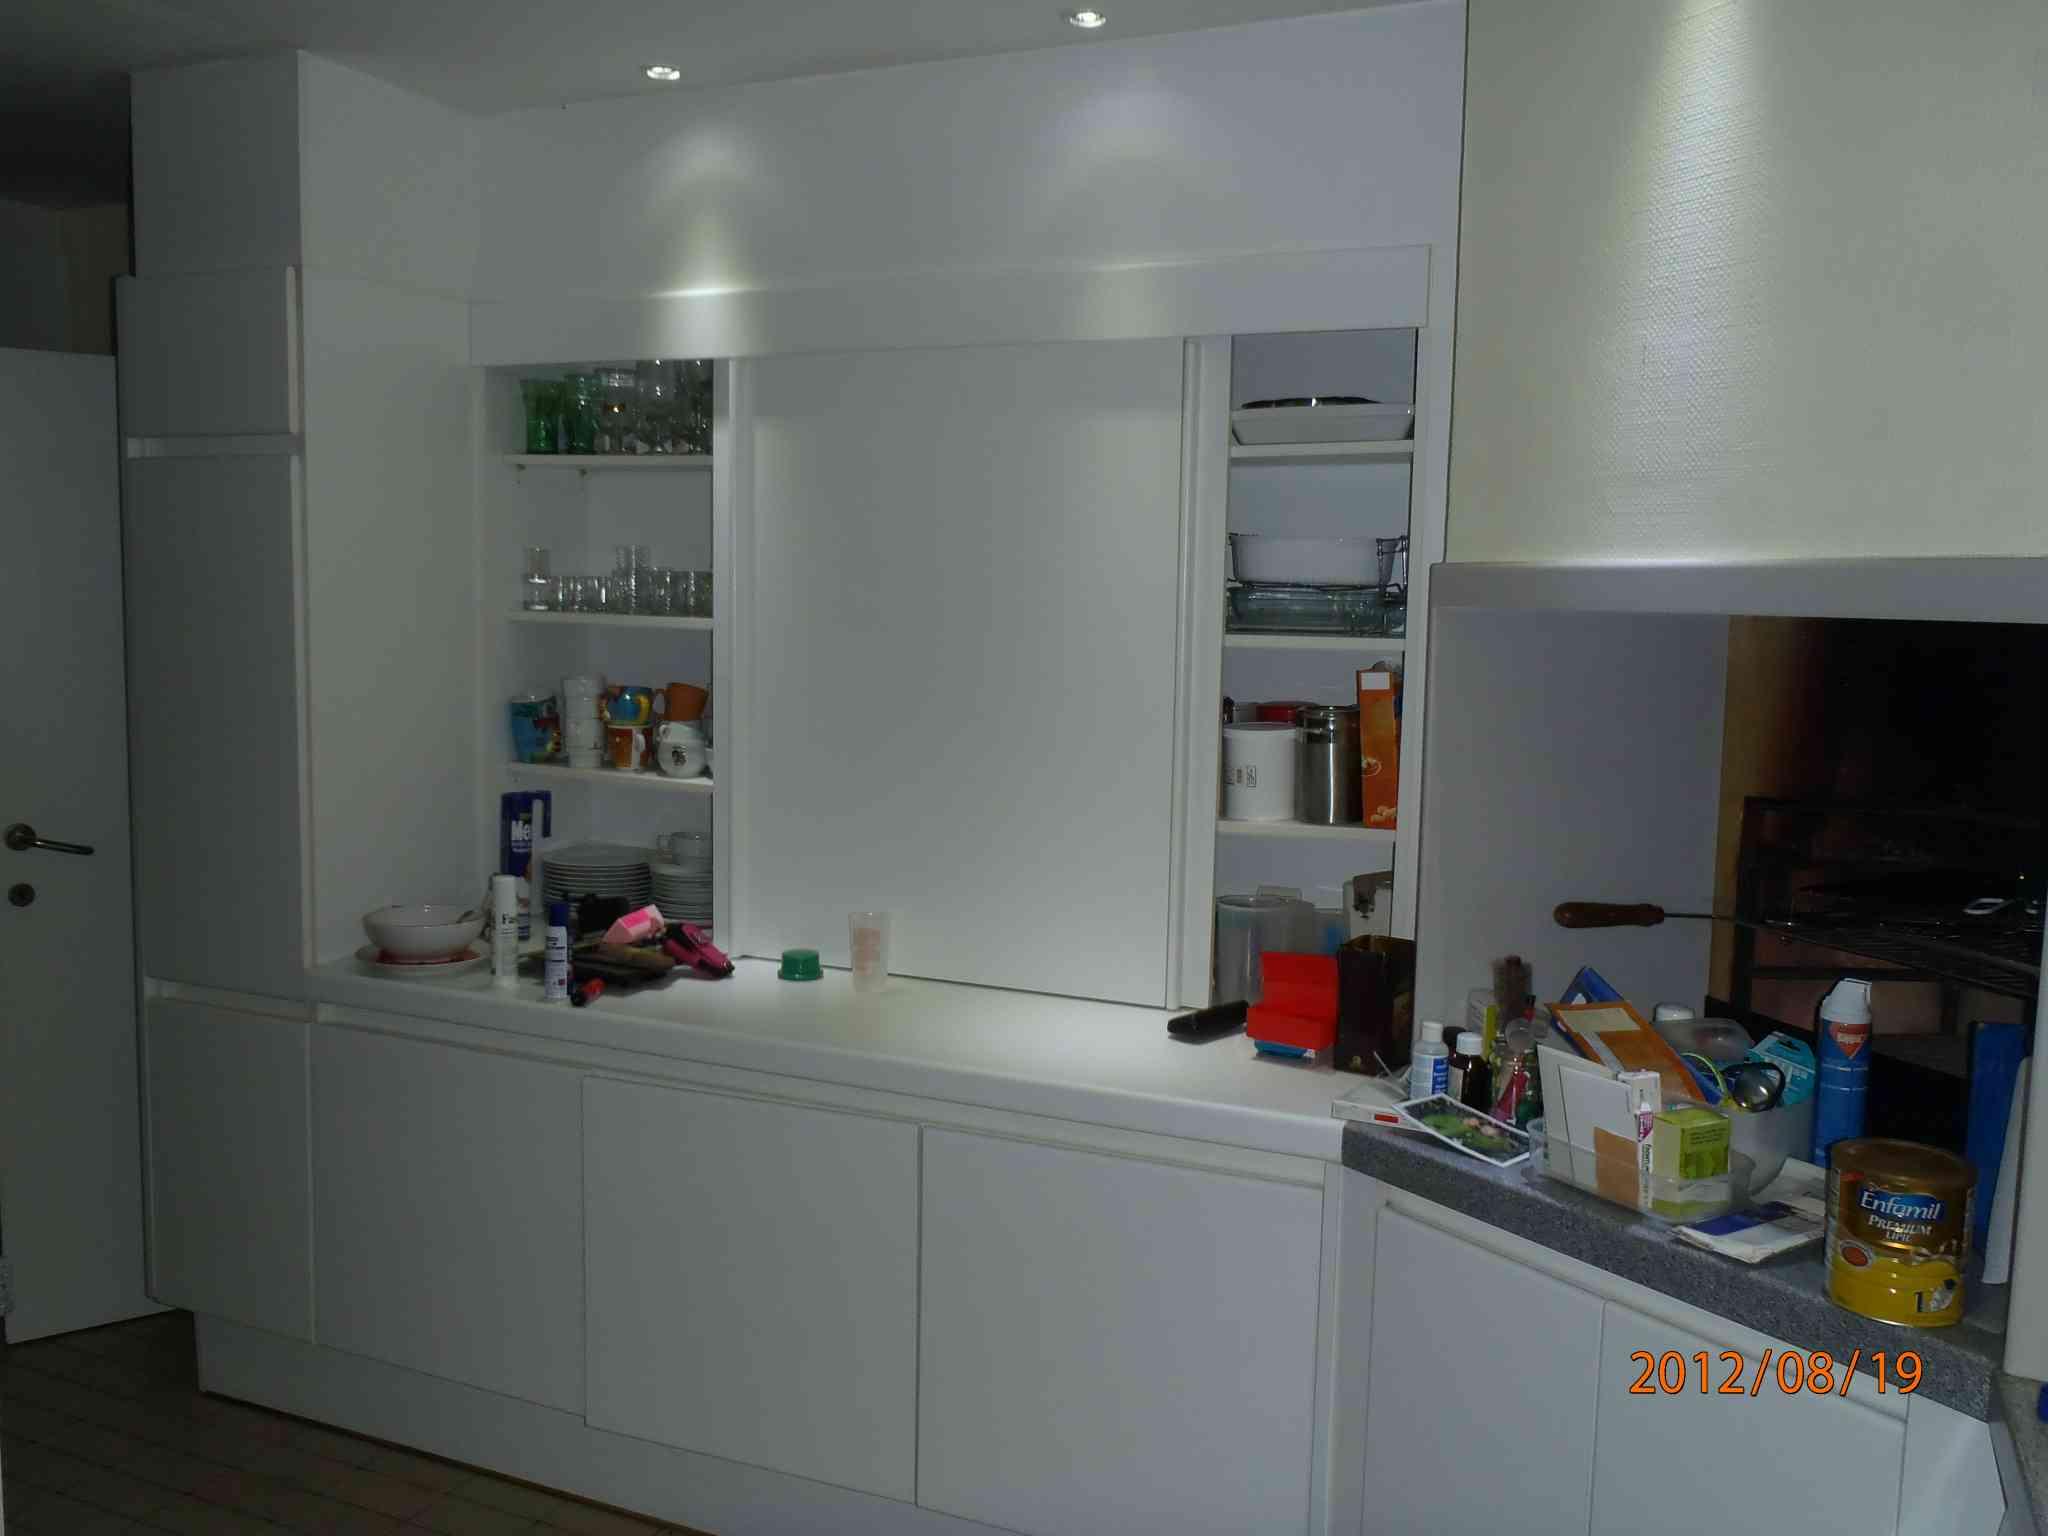 Te koop volledige keuken en keukenmateriaal - Keuken volledige verkoop ...